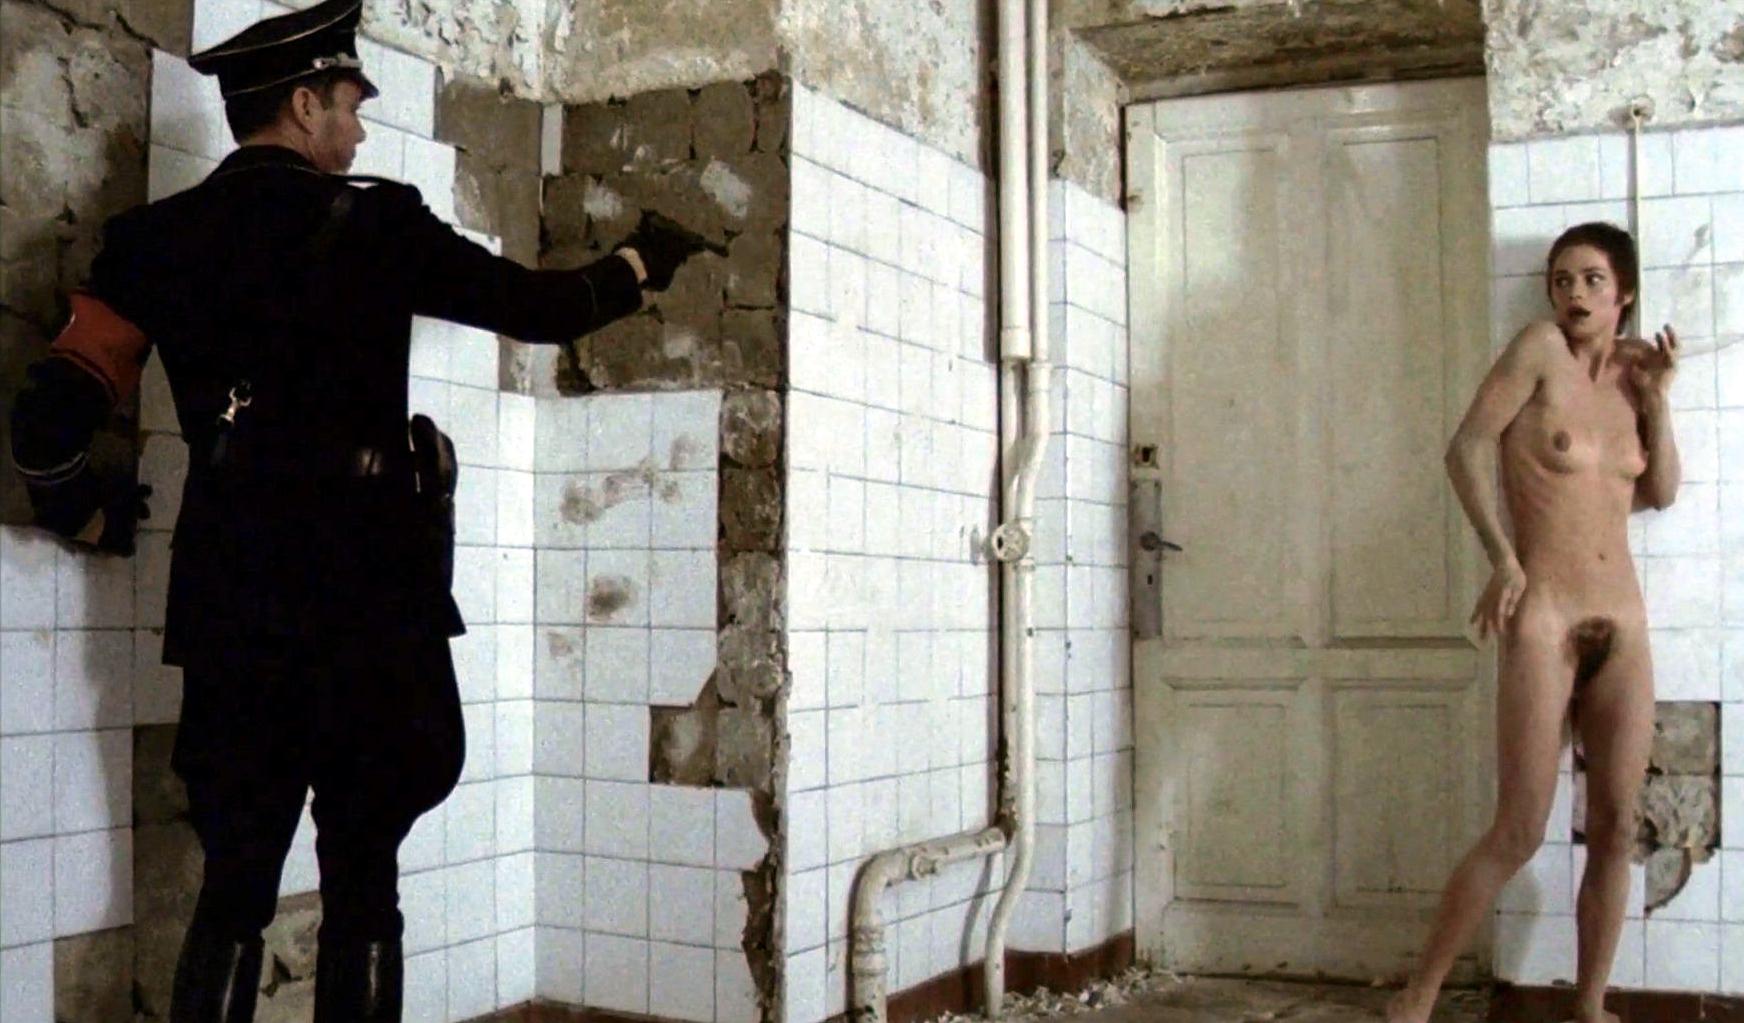 « Portier de nuit », film d'auteur avec Dirk Bogarde et Charlotte Rampling a contribué à lancer le genre « Svastika erotica »